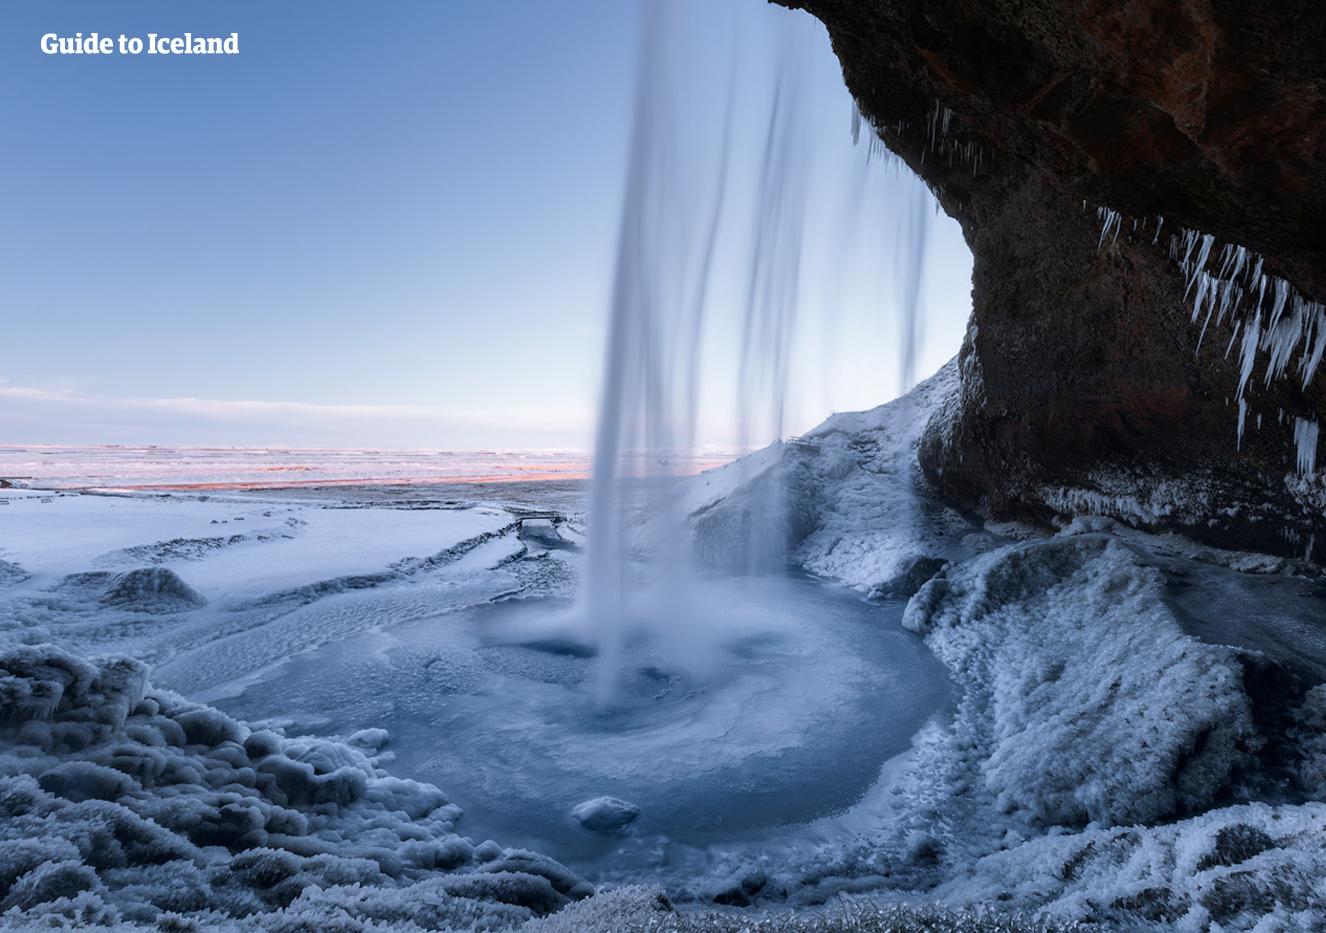 Podziwiaj widoki zza kurtyny spadającej wody, obchodząc wodospad Seljalandsfoss dookoła.